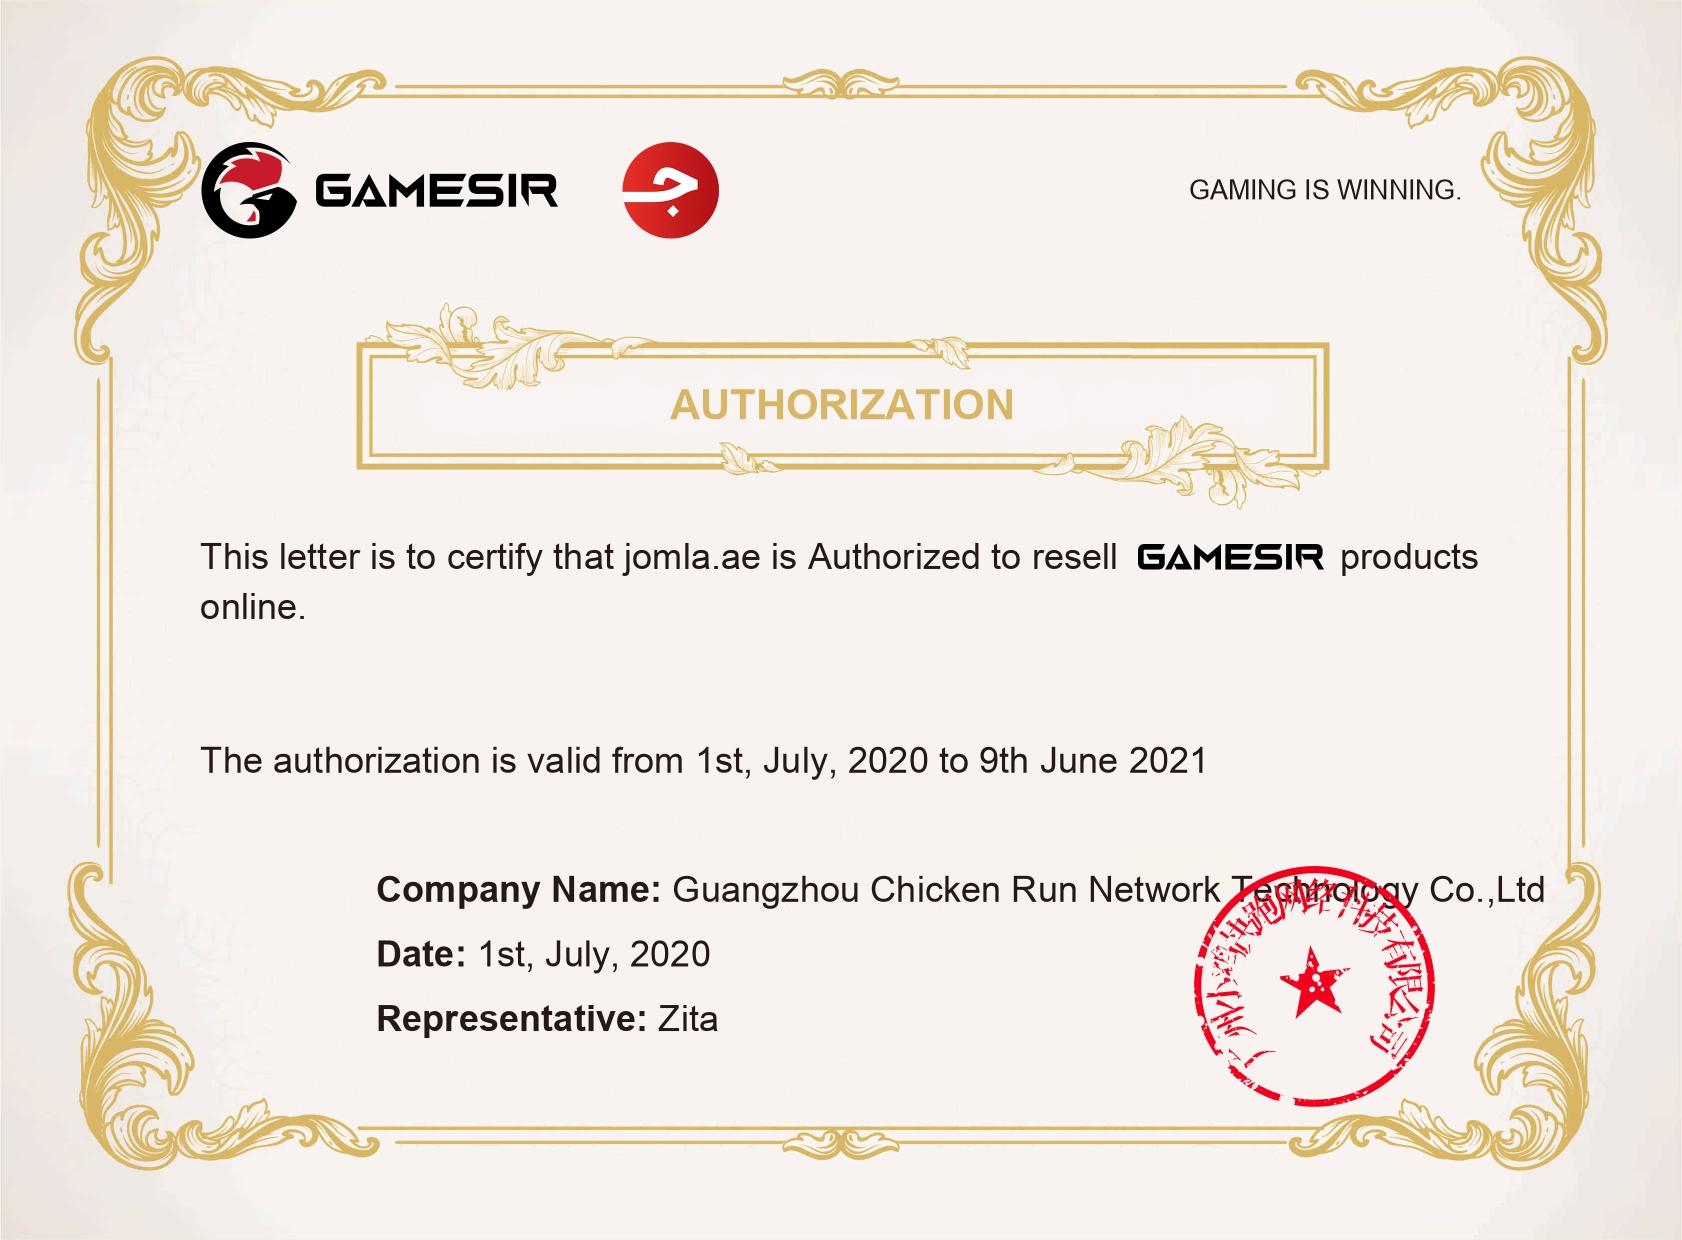 جملة الموزع الرسمي والمعتمد لمنتجات شركة GAMESIR